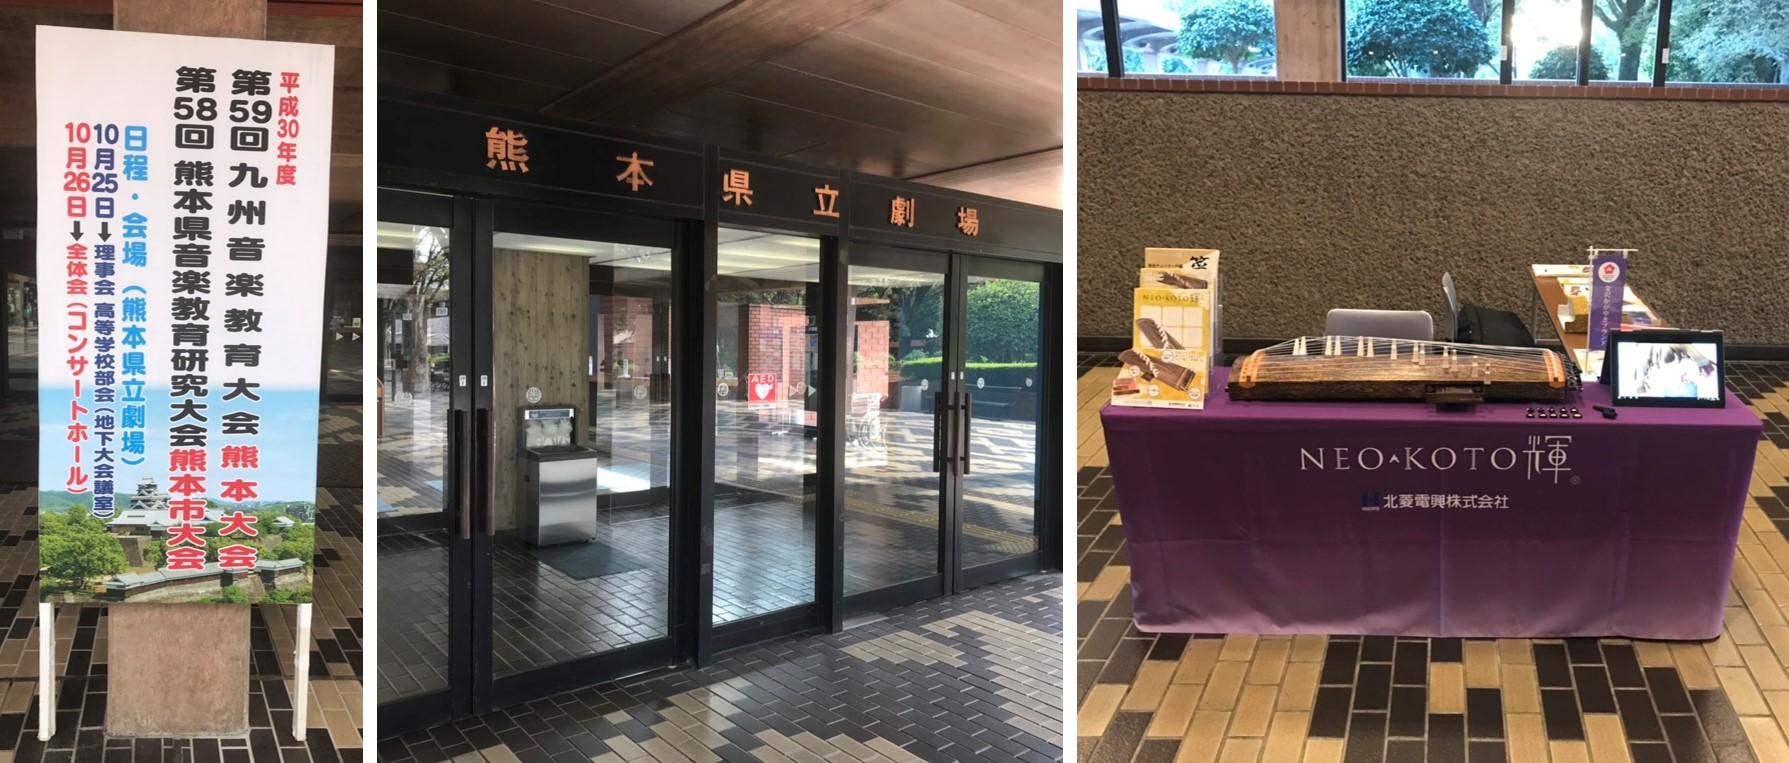 2018年10月26日:第59回九州音楽教育大会 熊本大会、第58回熊本県音楽教育研究大会 熊本市大会に出展